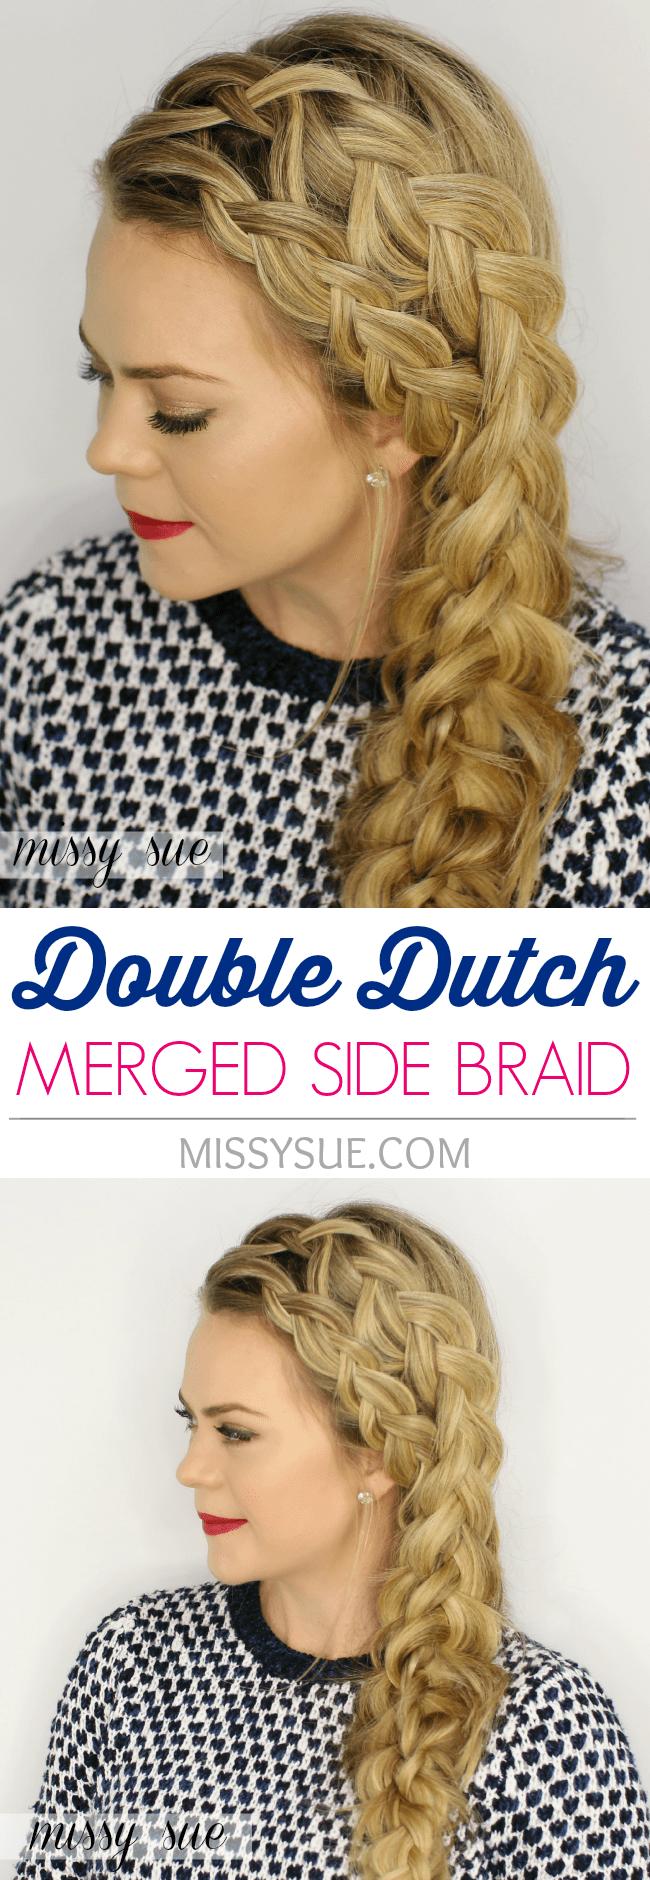 Double Dutch Merged Side Braid